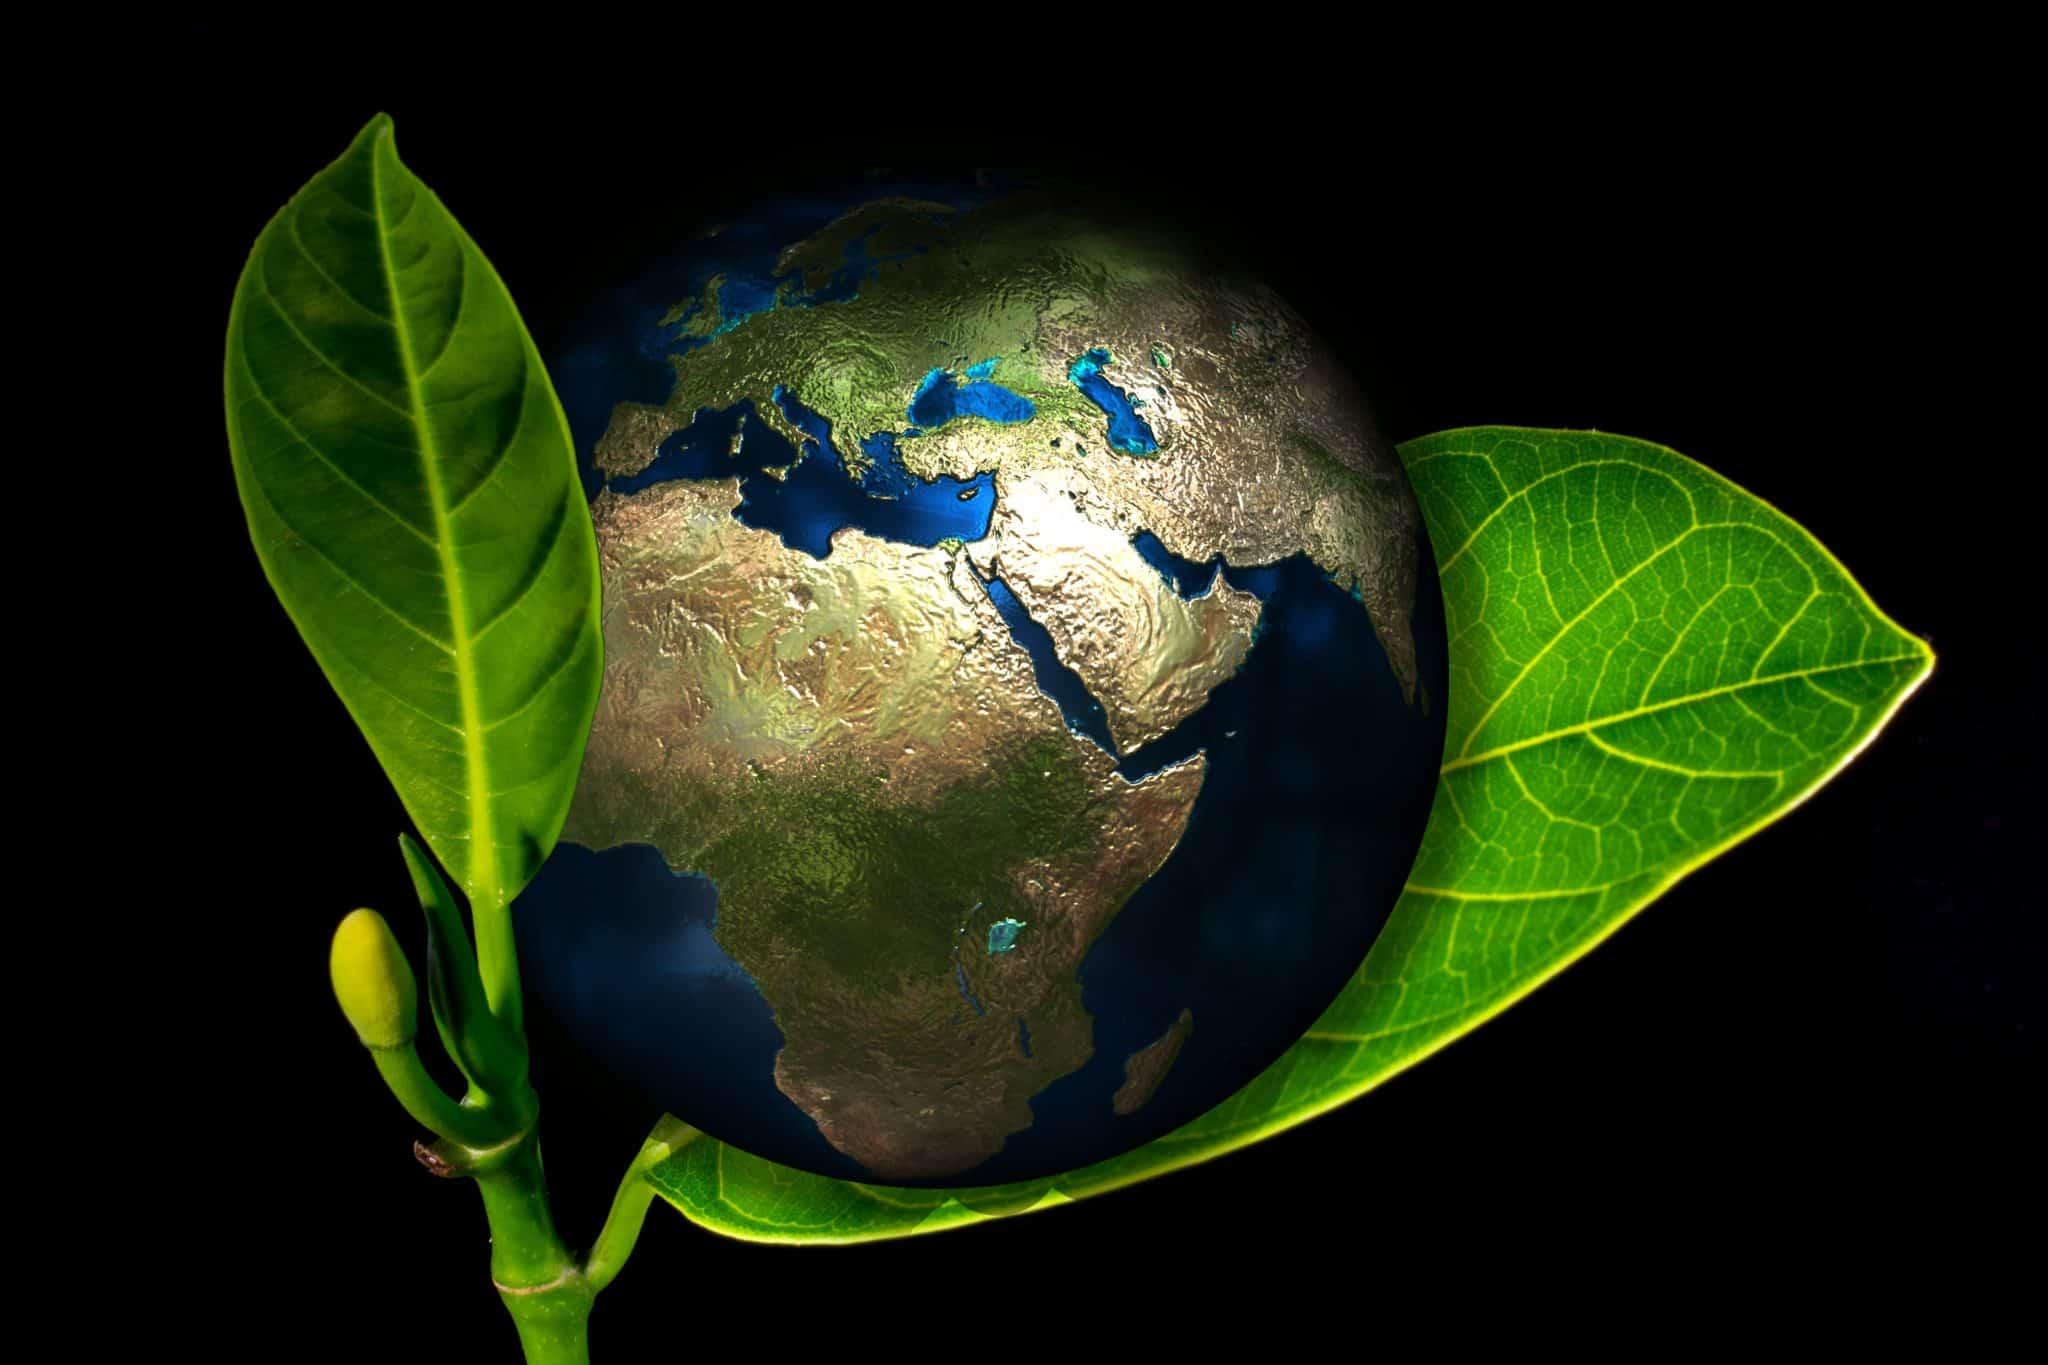 terre, planète, naissance, nouvelle